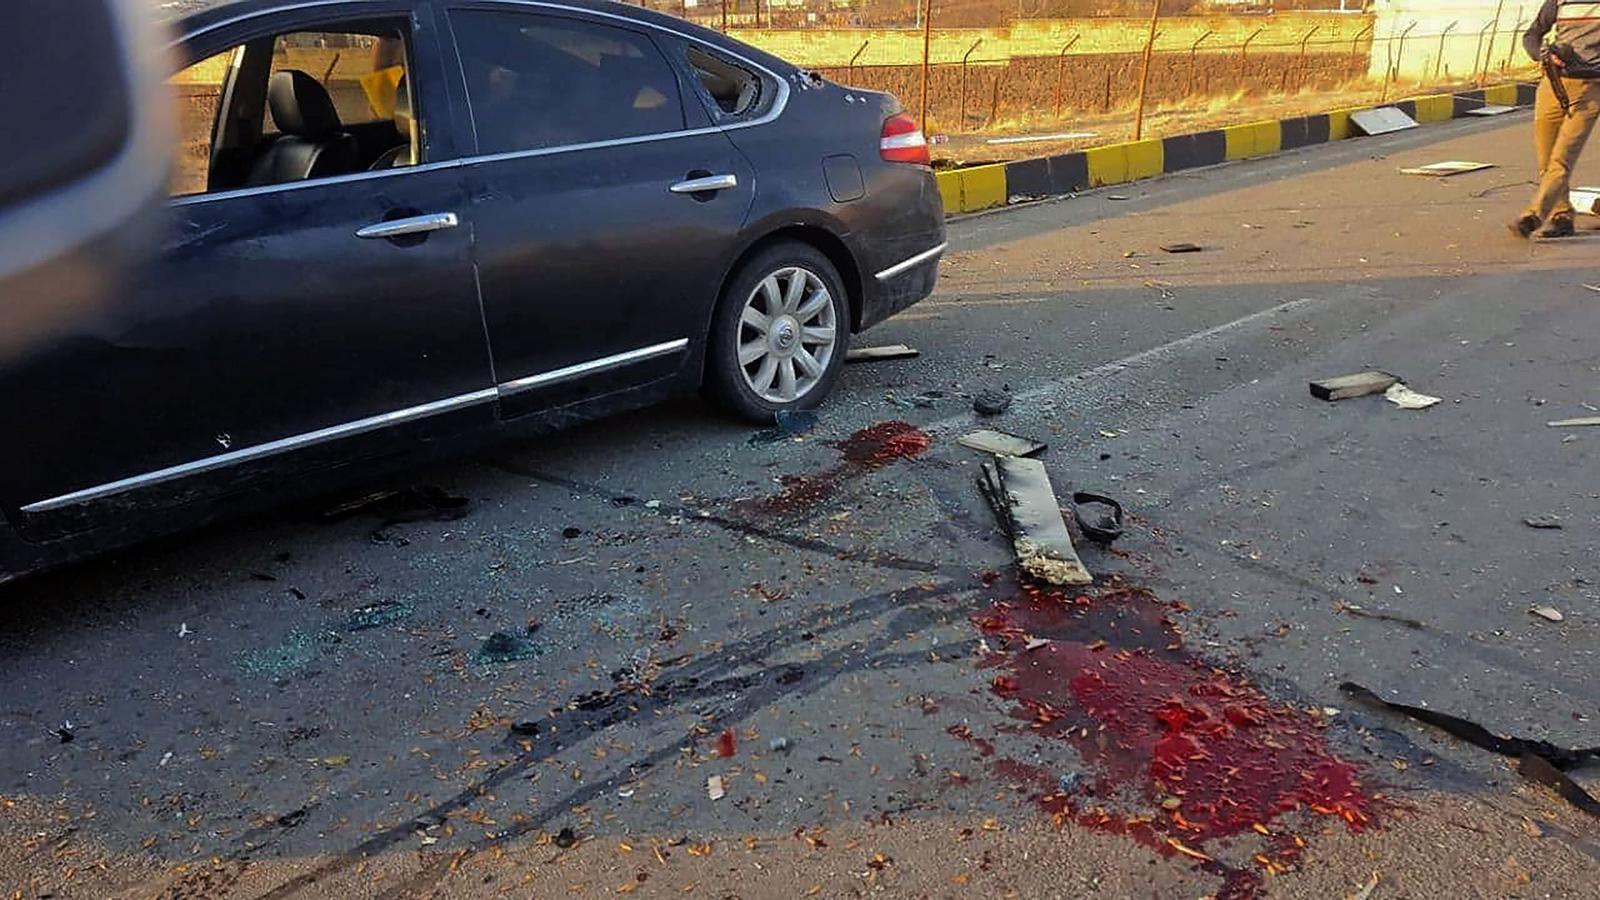 Una imatge de l'estat en què va quedar el cotxe del científic iranià i de les dramàtiques conseqüències de l'atac